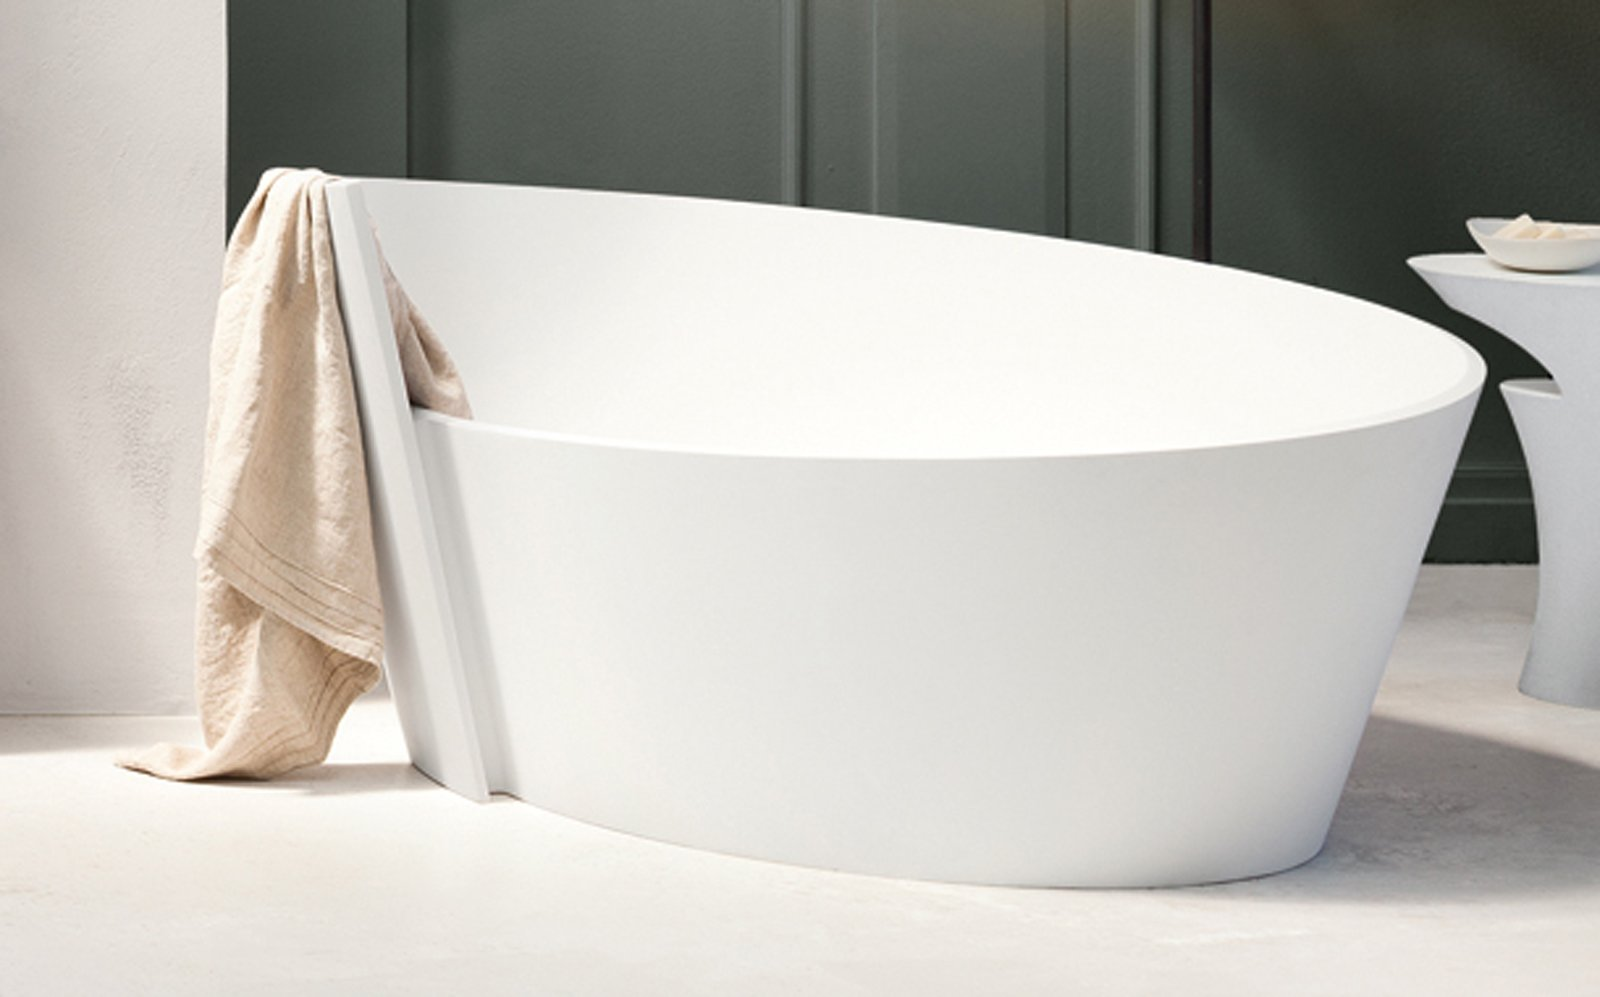 La vasca per valorizzare il bagno cose di casa - Vasche da bagno prezzo ...